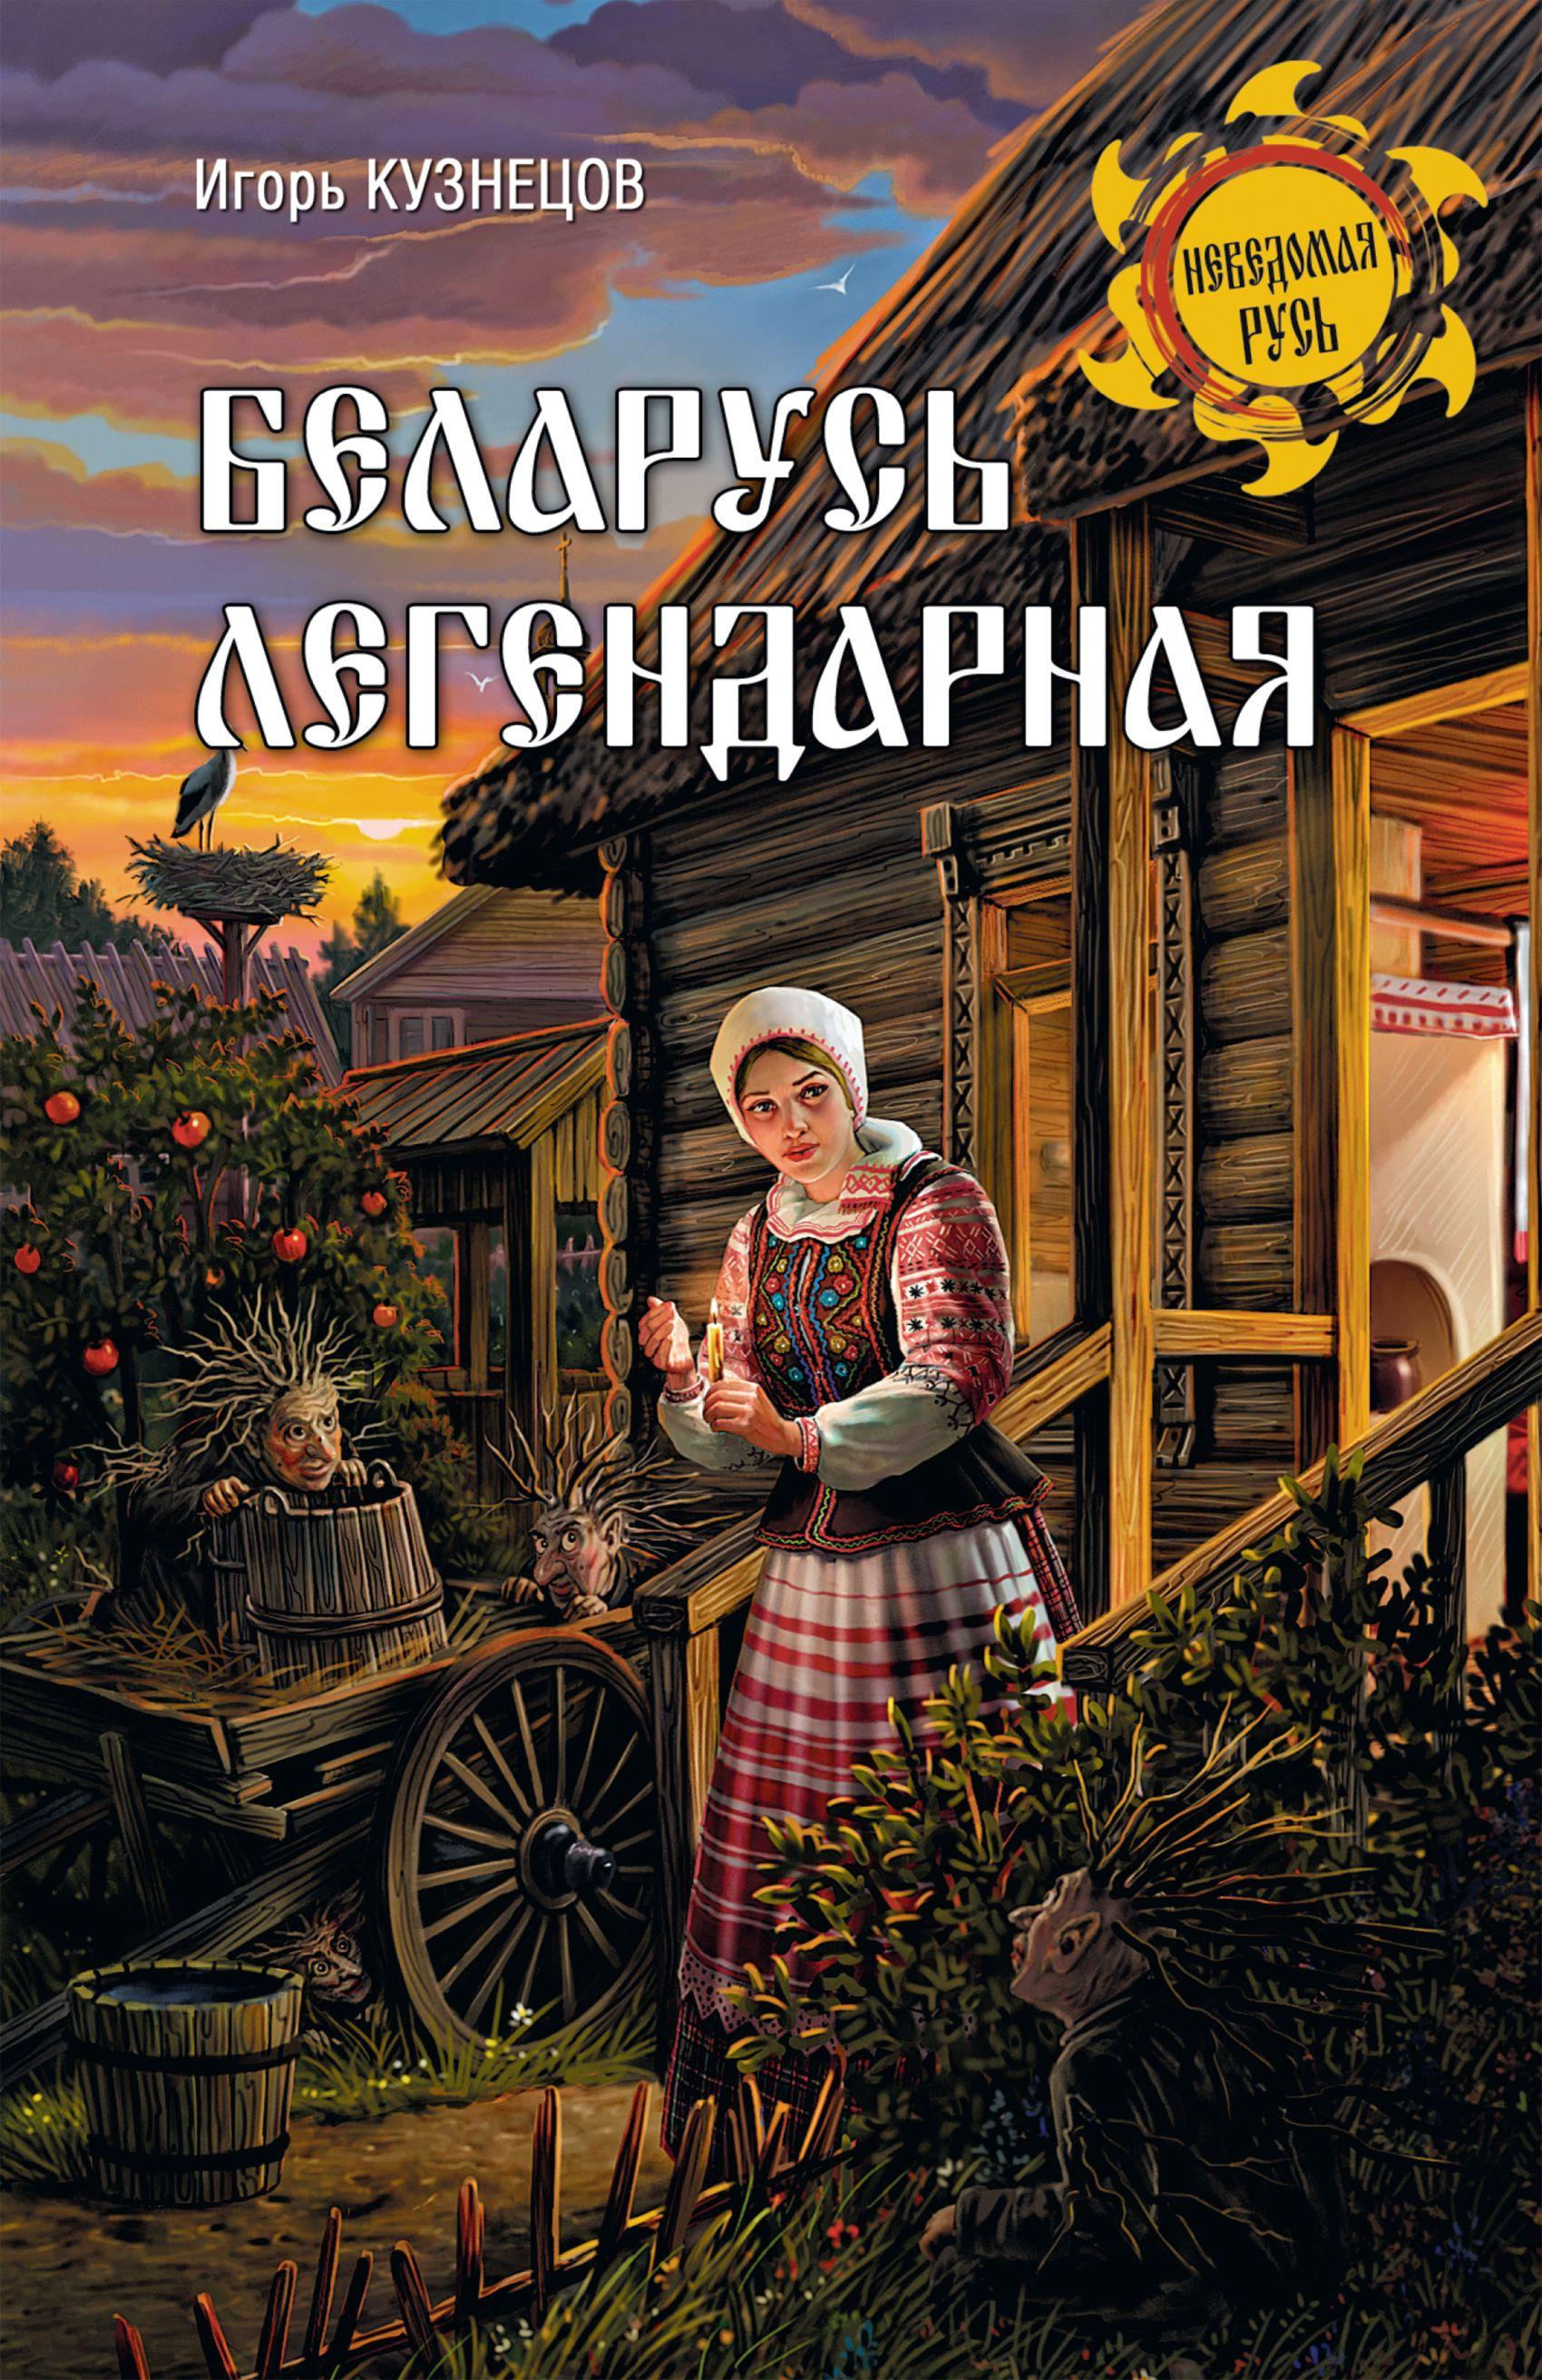 Беларусь легендарная